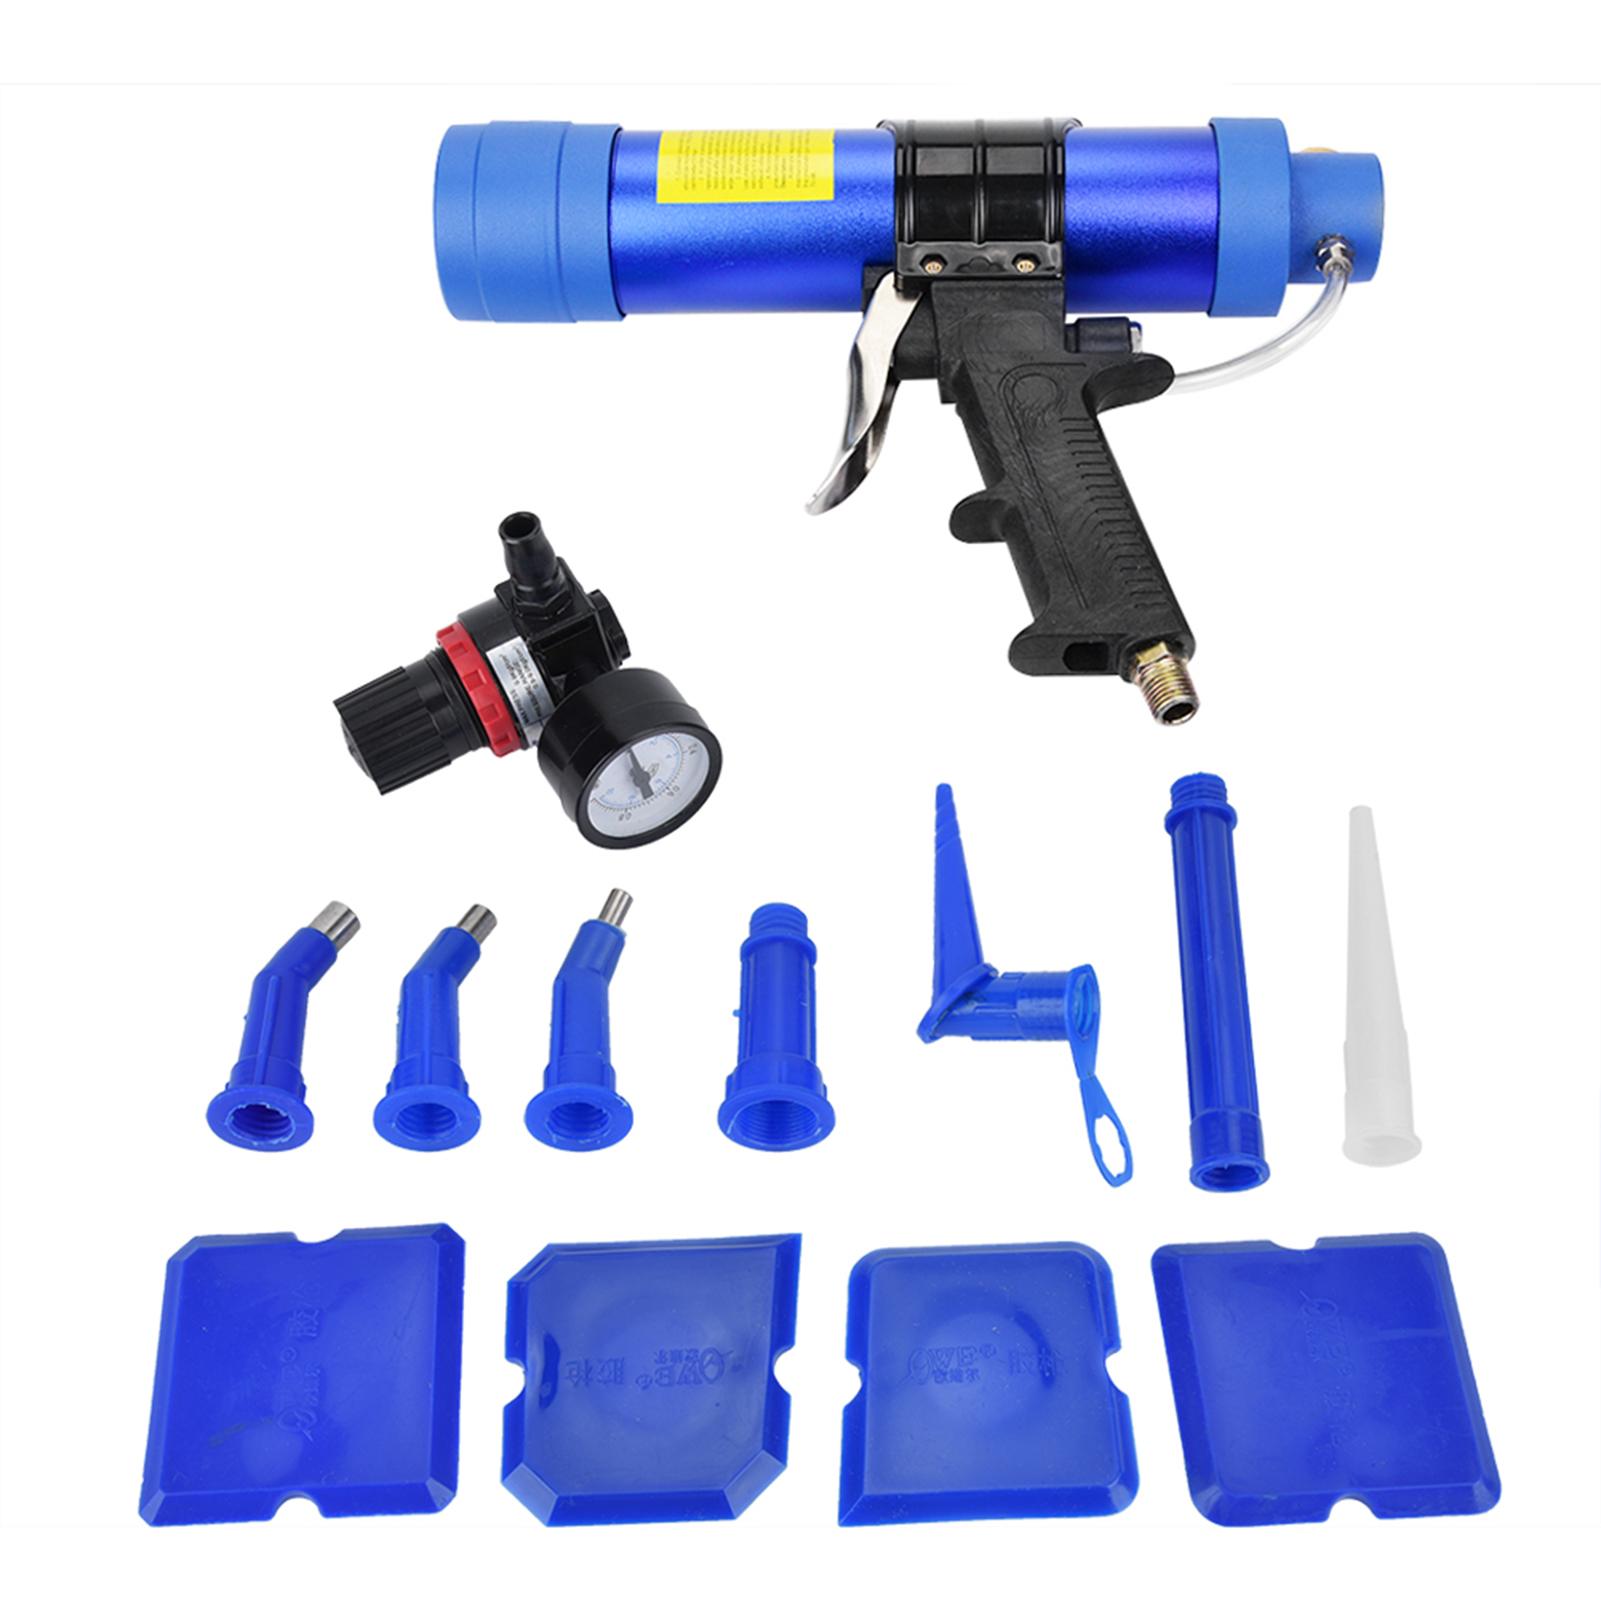 Pistolet-a-Colle-de-Verre-Pistolet-a-Calfeutrer-Pneumatique-Reglable-Colle-Dure miniatuur 9